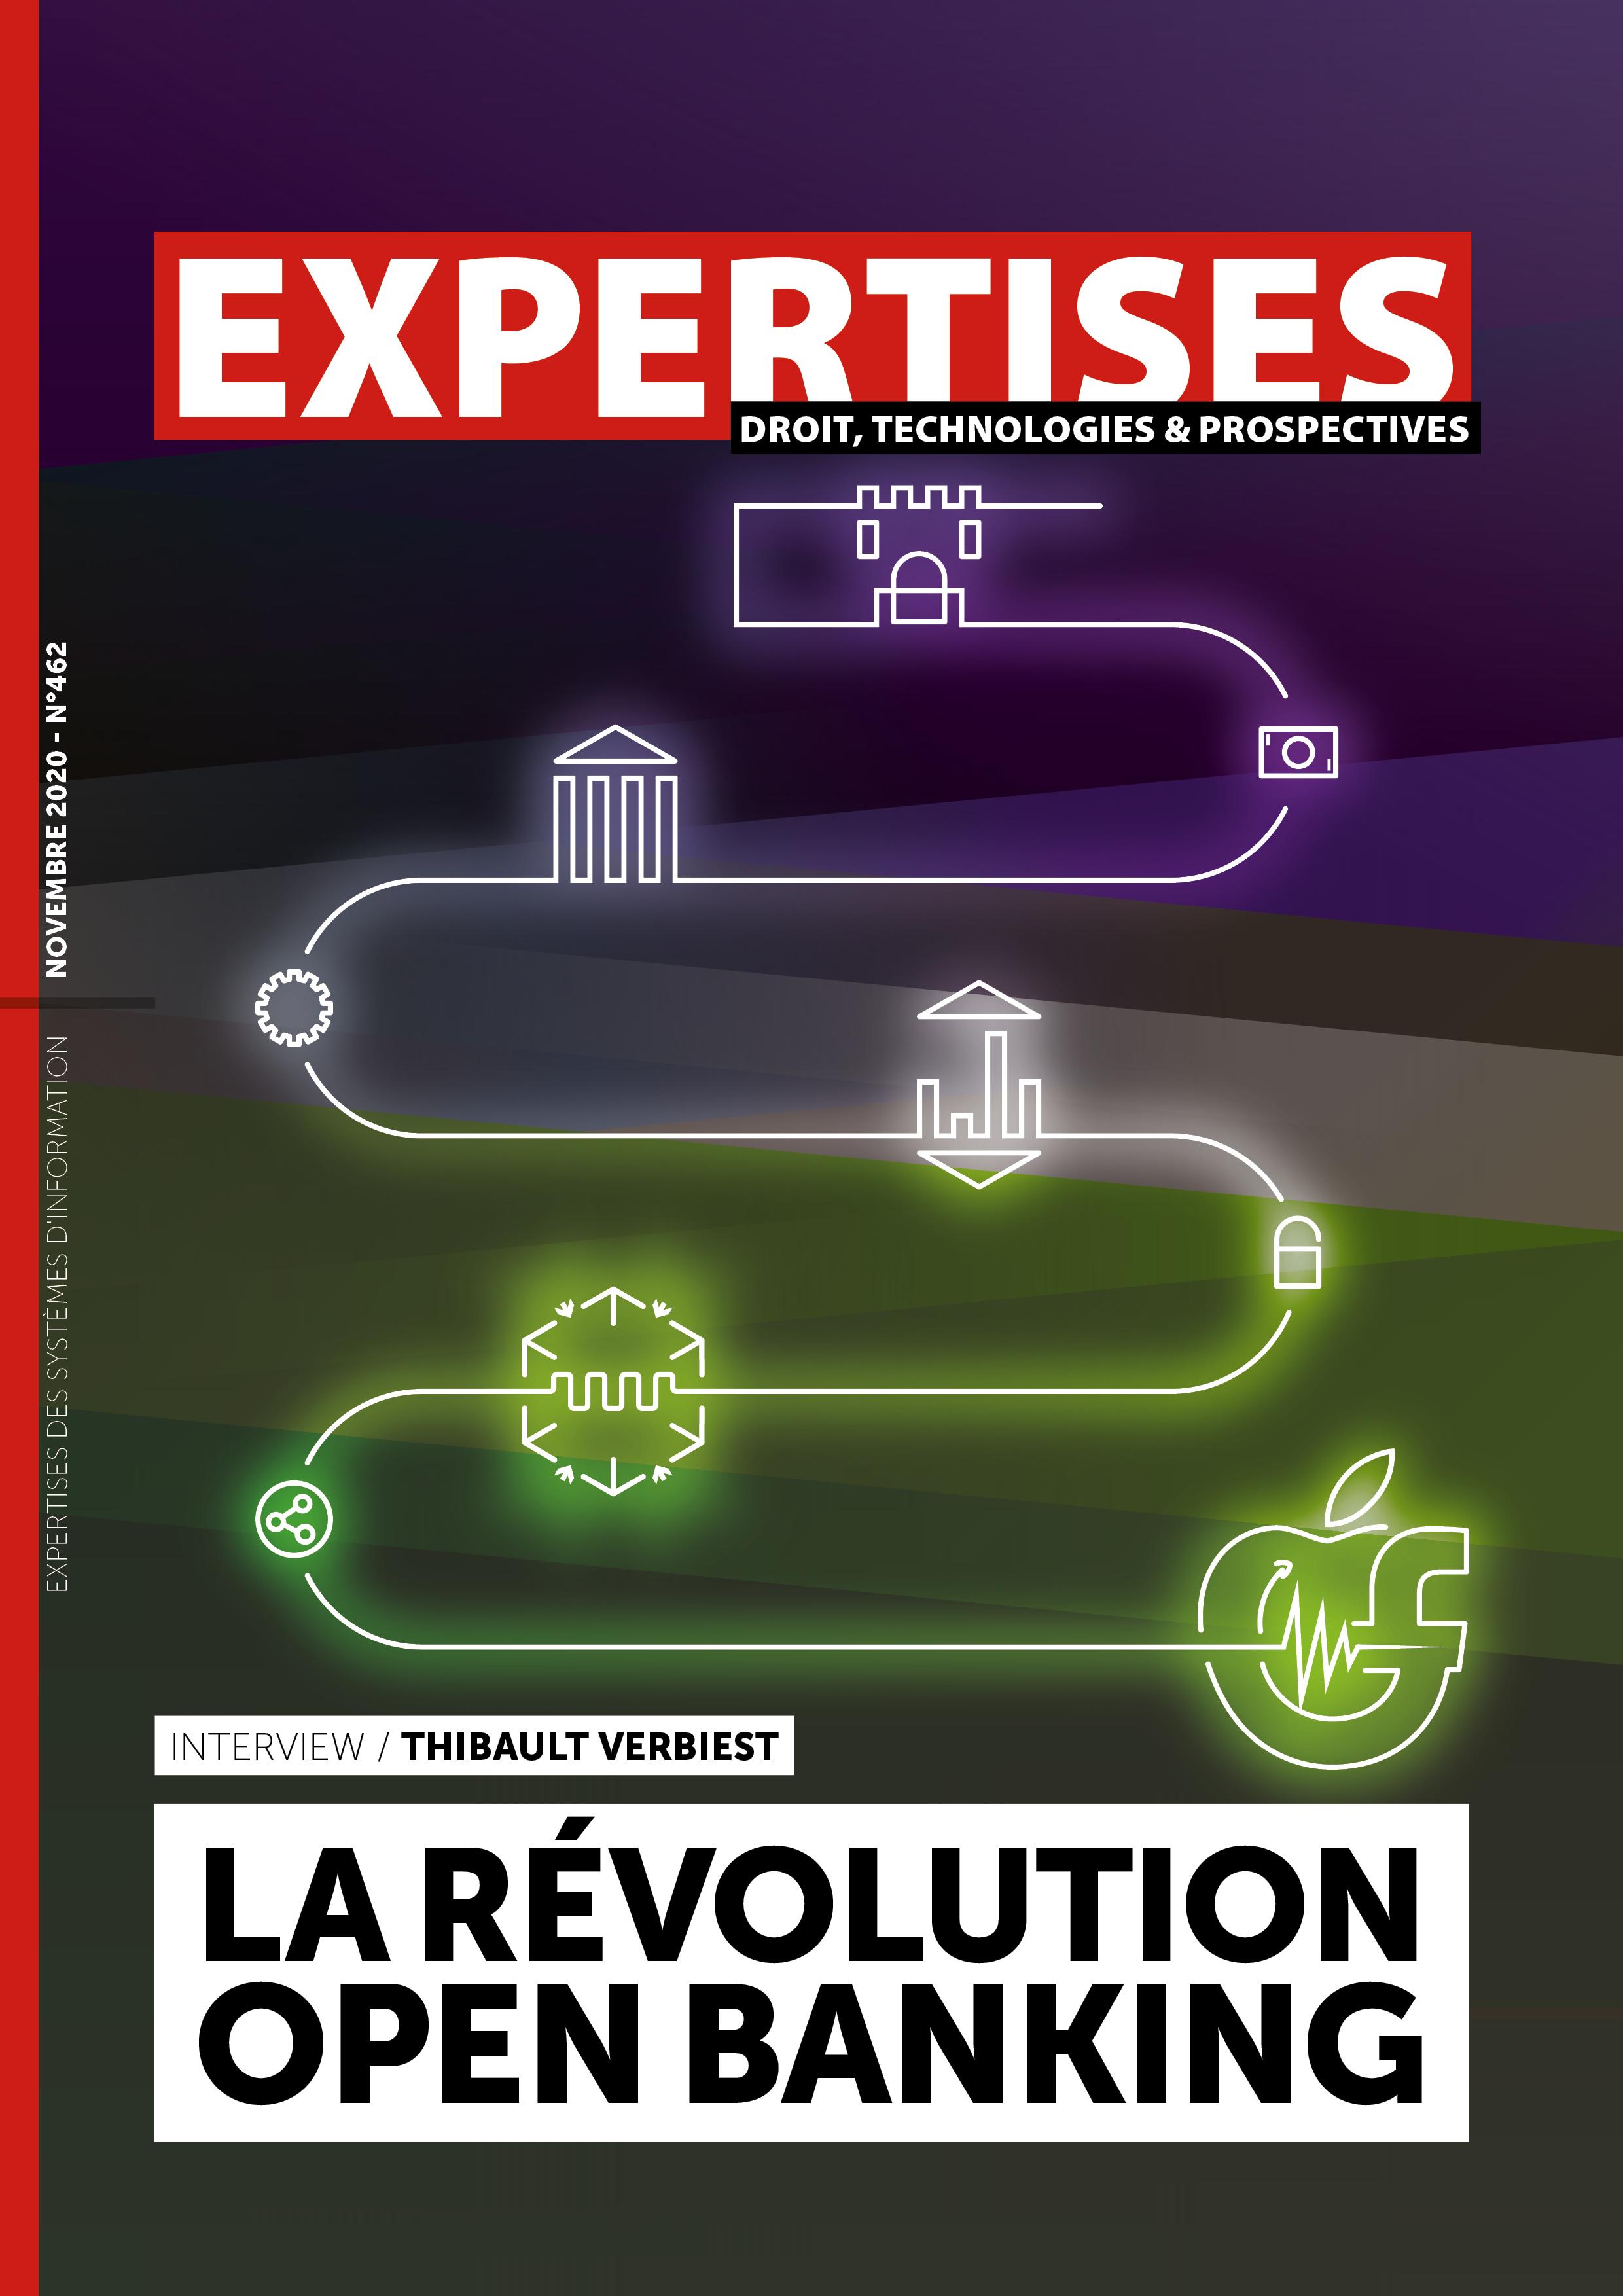 EXPERTISES N°462 - novembre 2020 - La révolution open banking / Thibault Verbiest